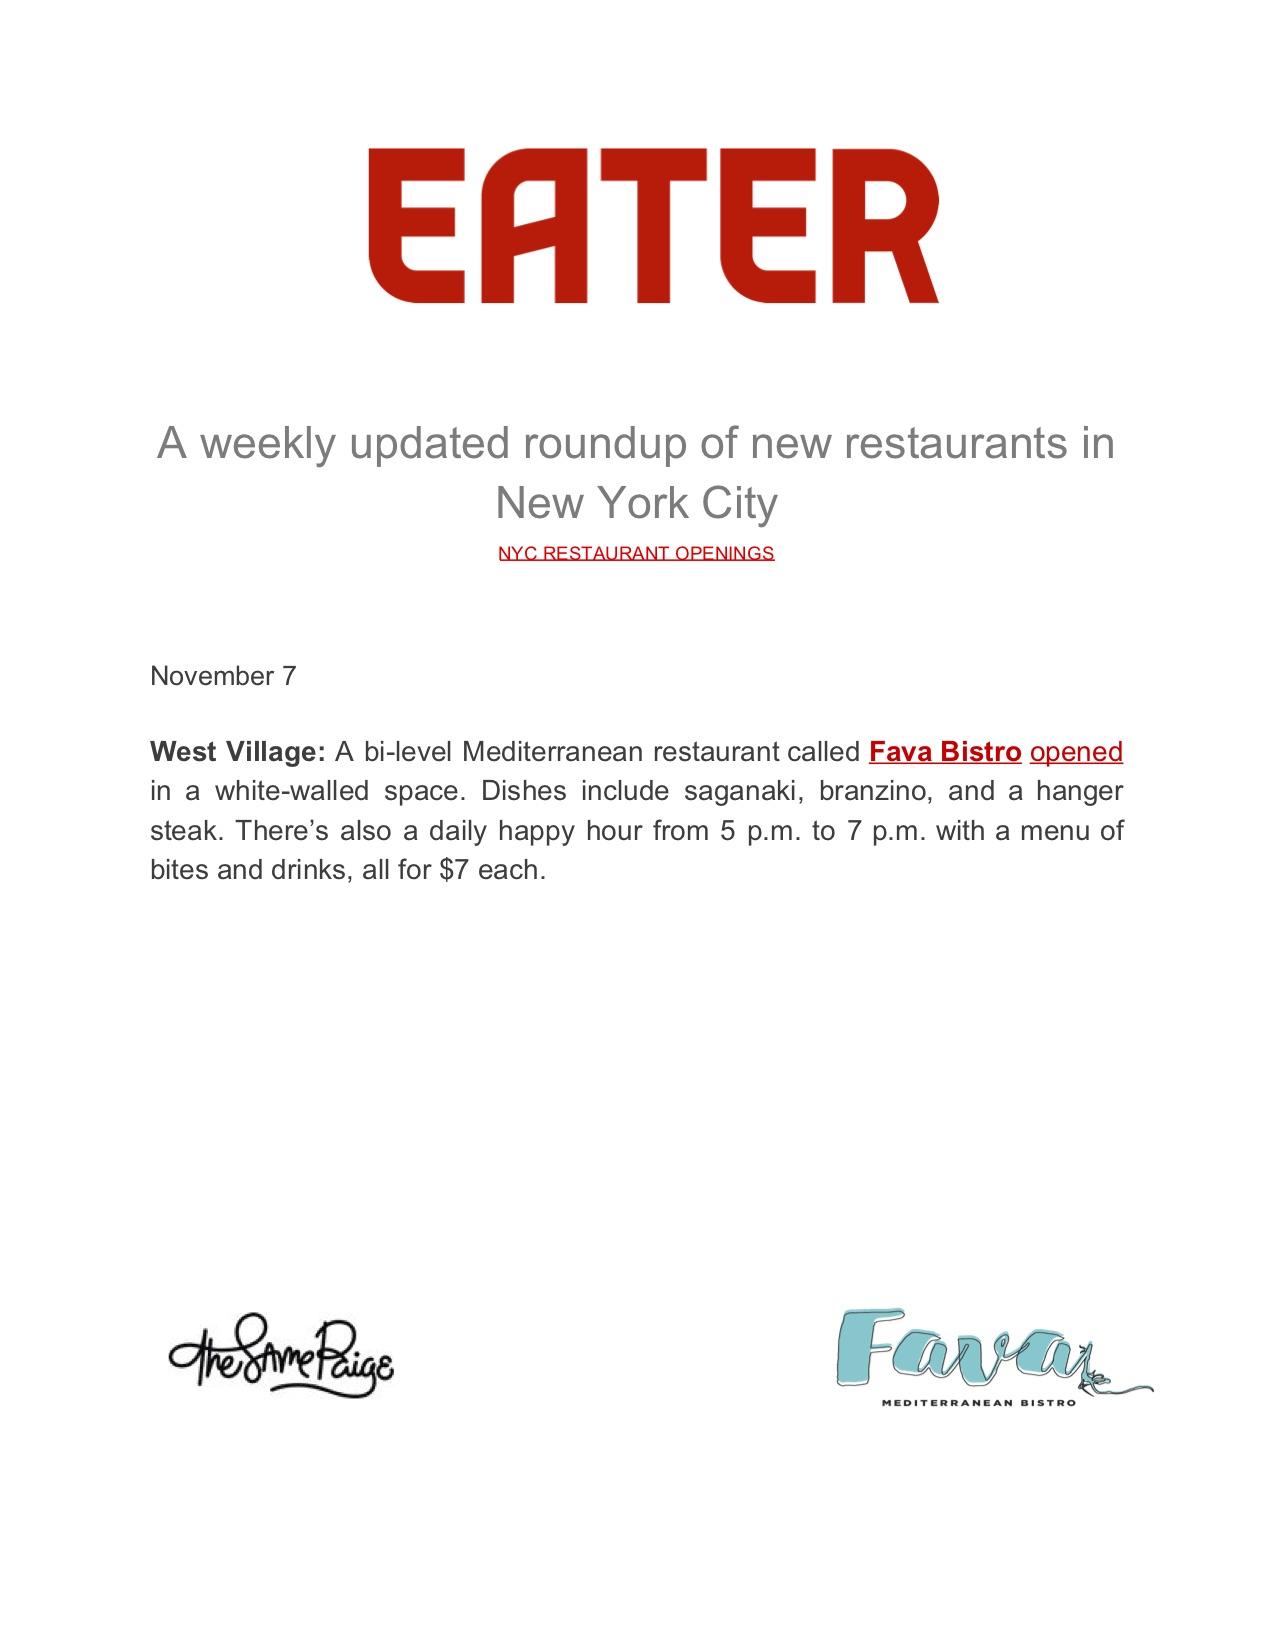 Eater_Fava_11.7.18.jpg